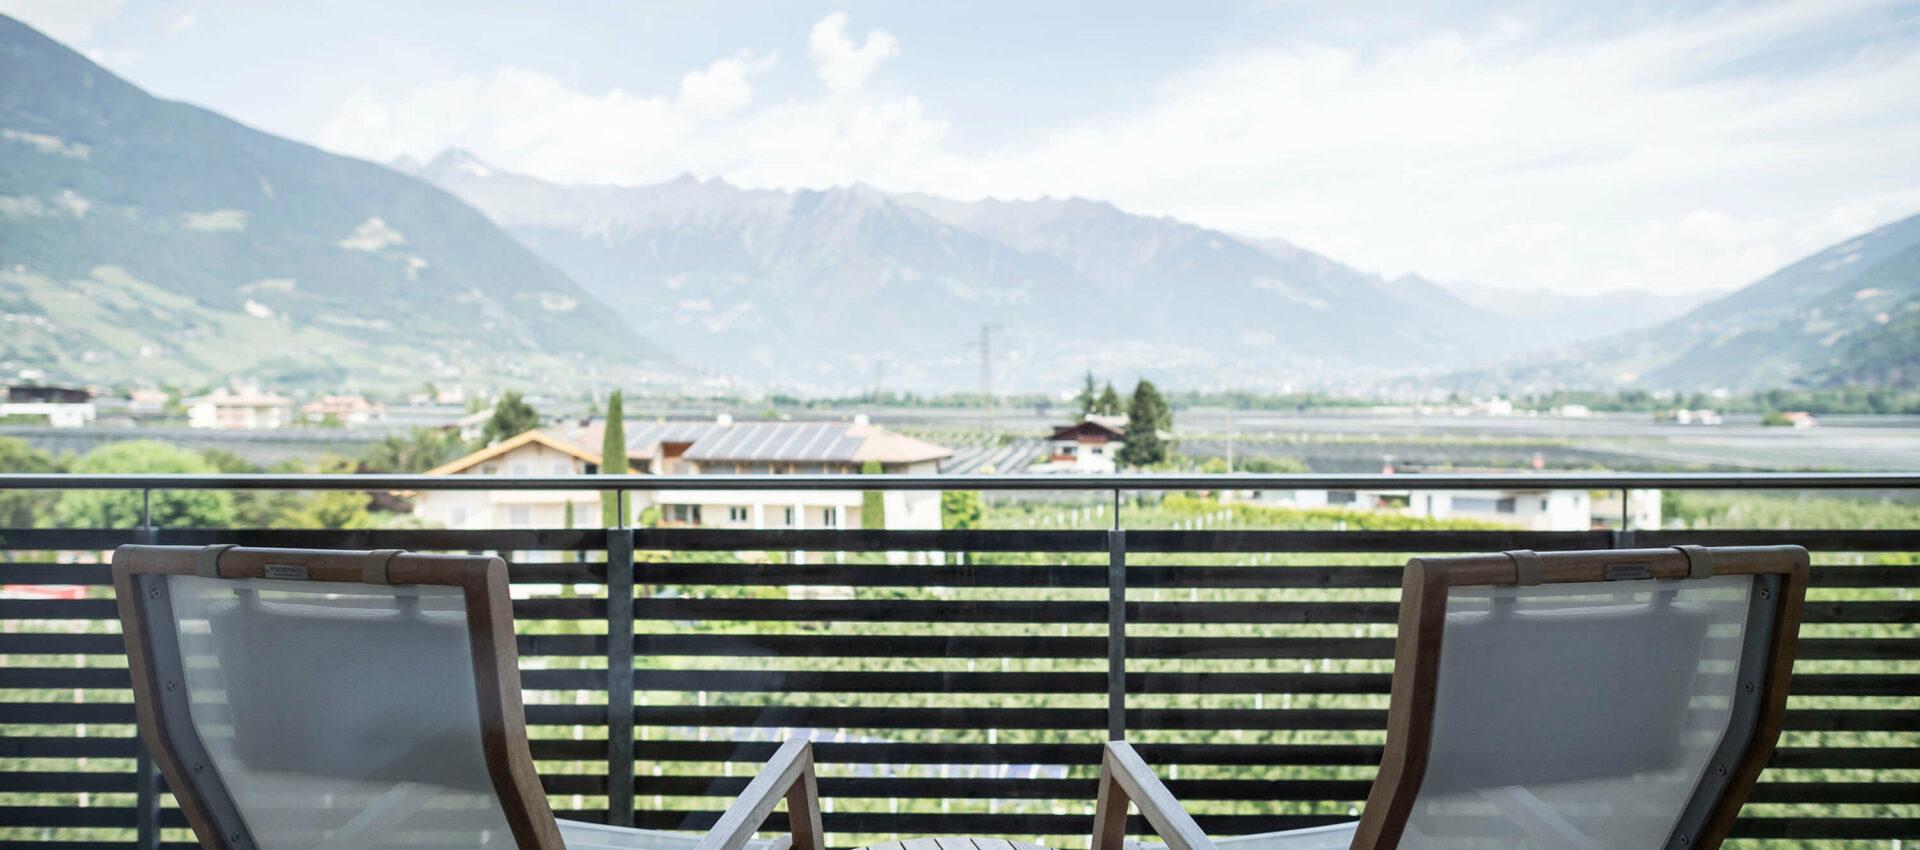 Zimmer mit Panoramaaussicht, mitten Apfelwiesen im Meraner Land, Südtirol